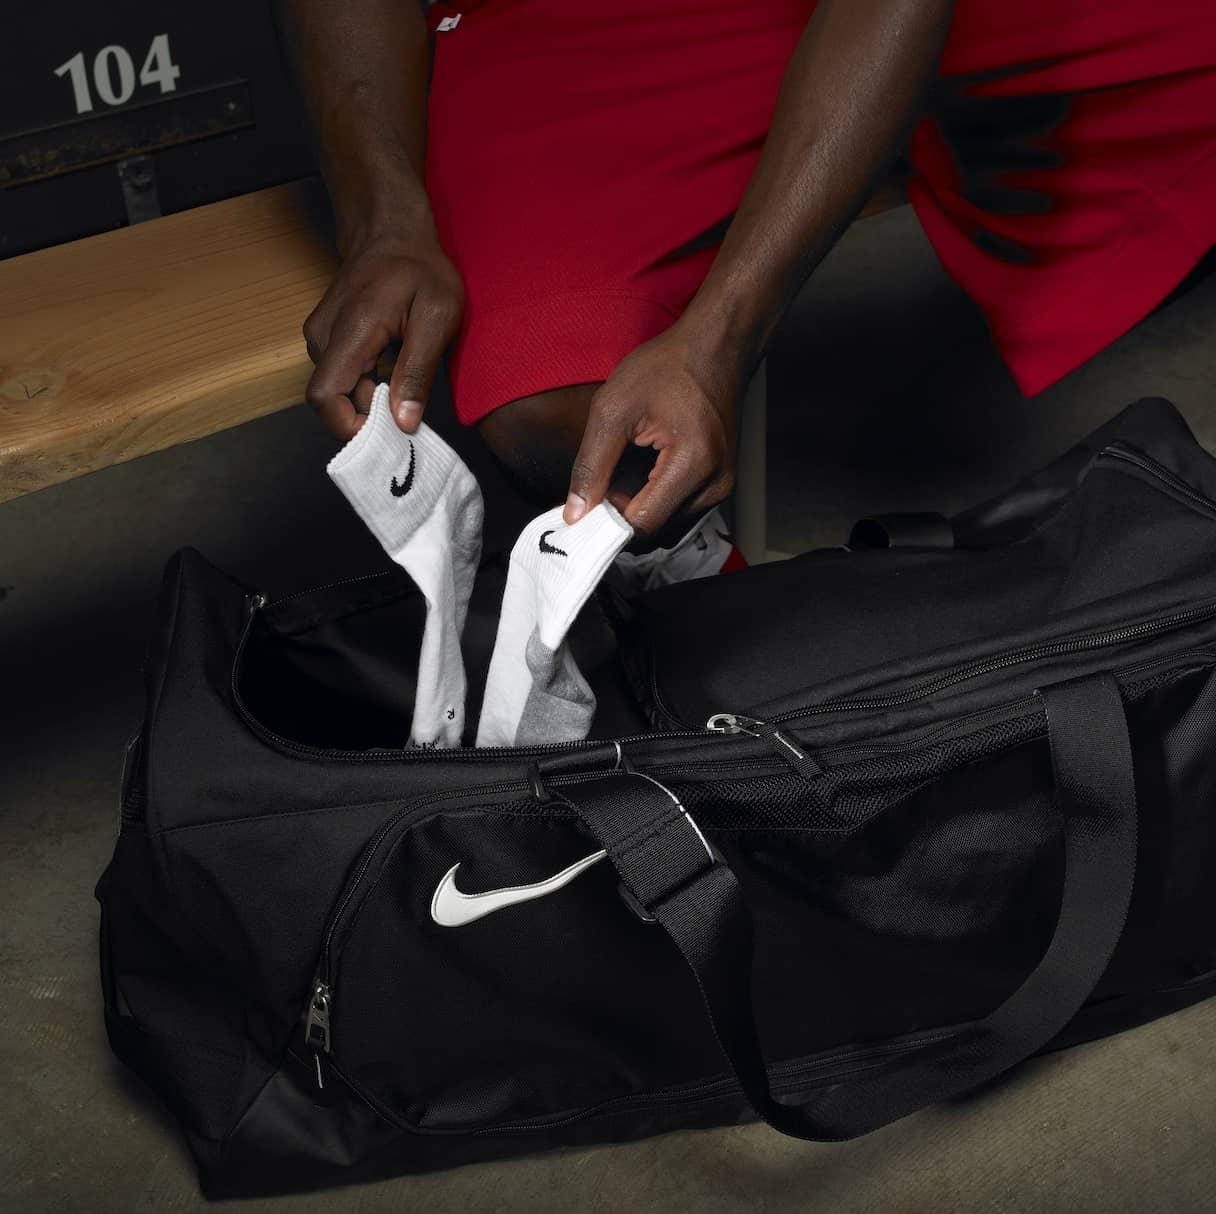 Choisir les chaussettes de sport qui correspondent le mieux à vos besoins